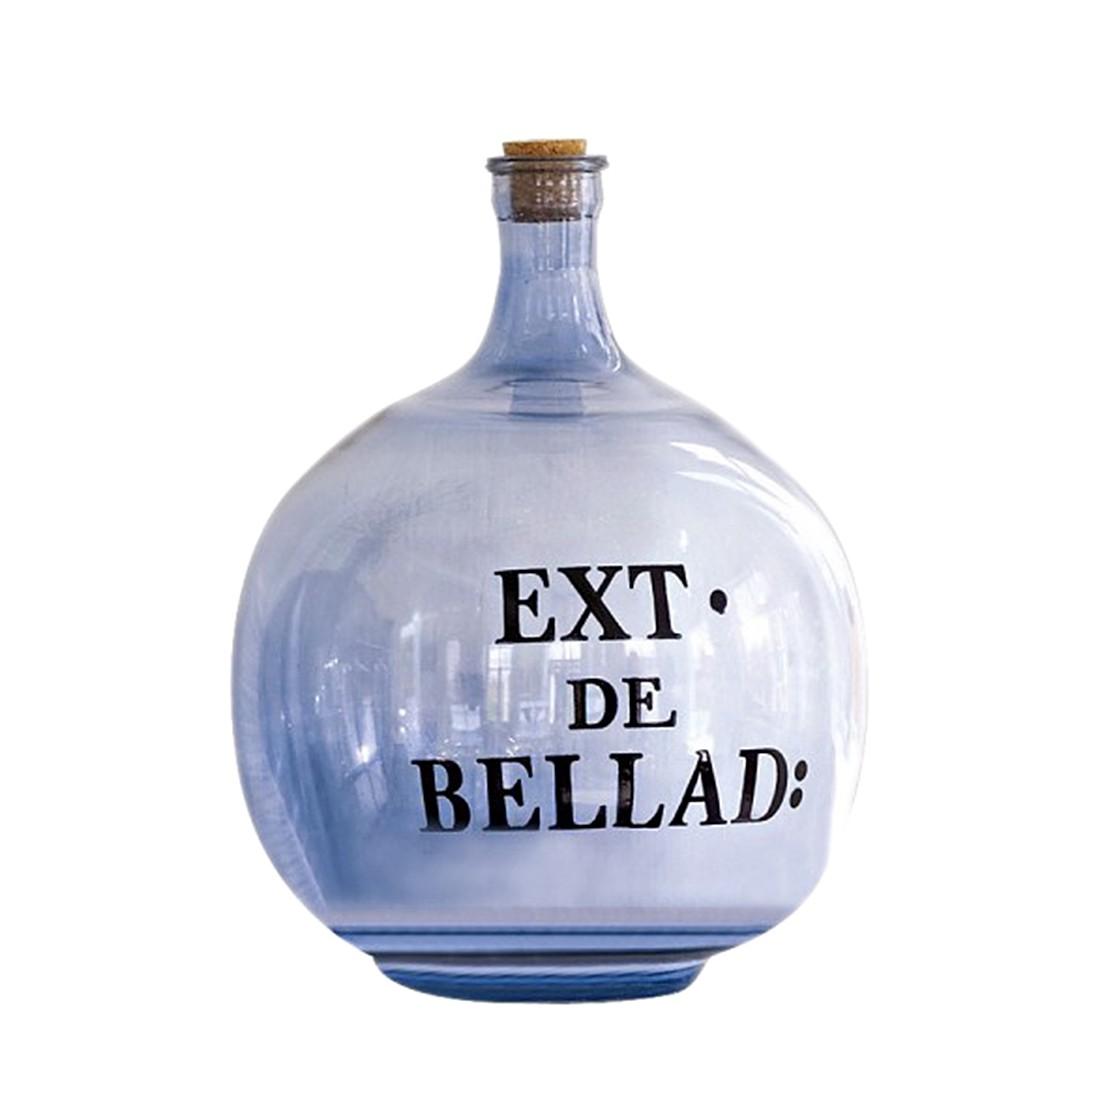 Flasche St. James – Glas blau, Loberon jetzt kaufen